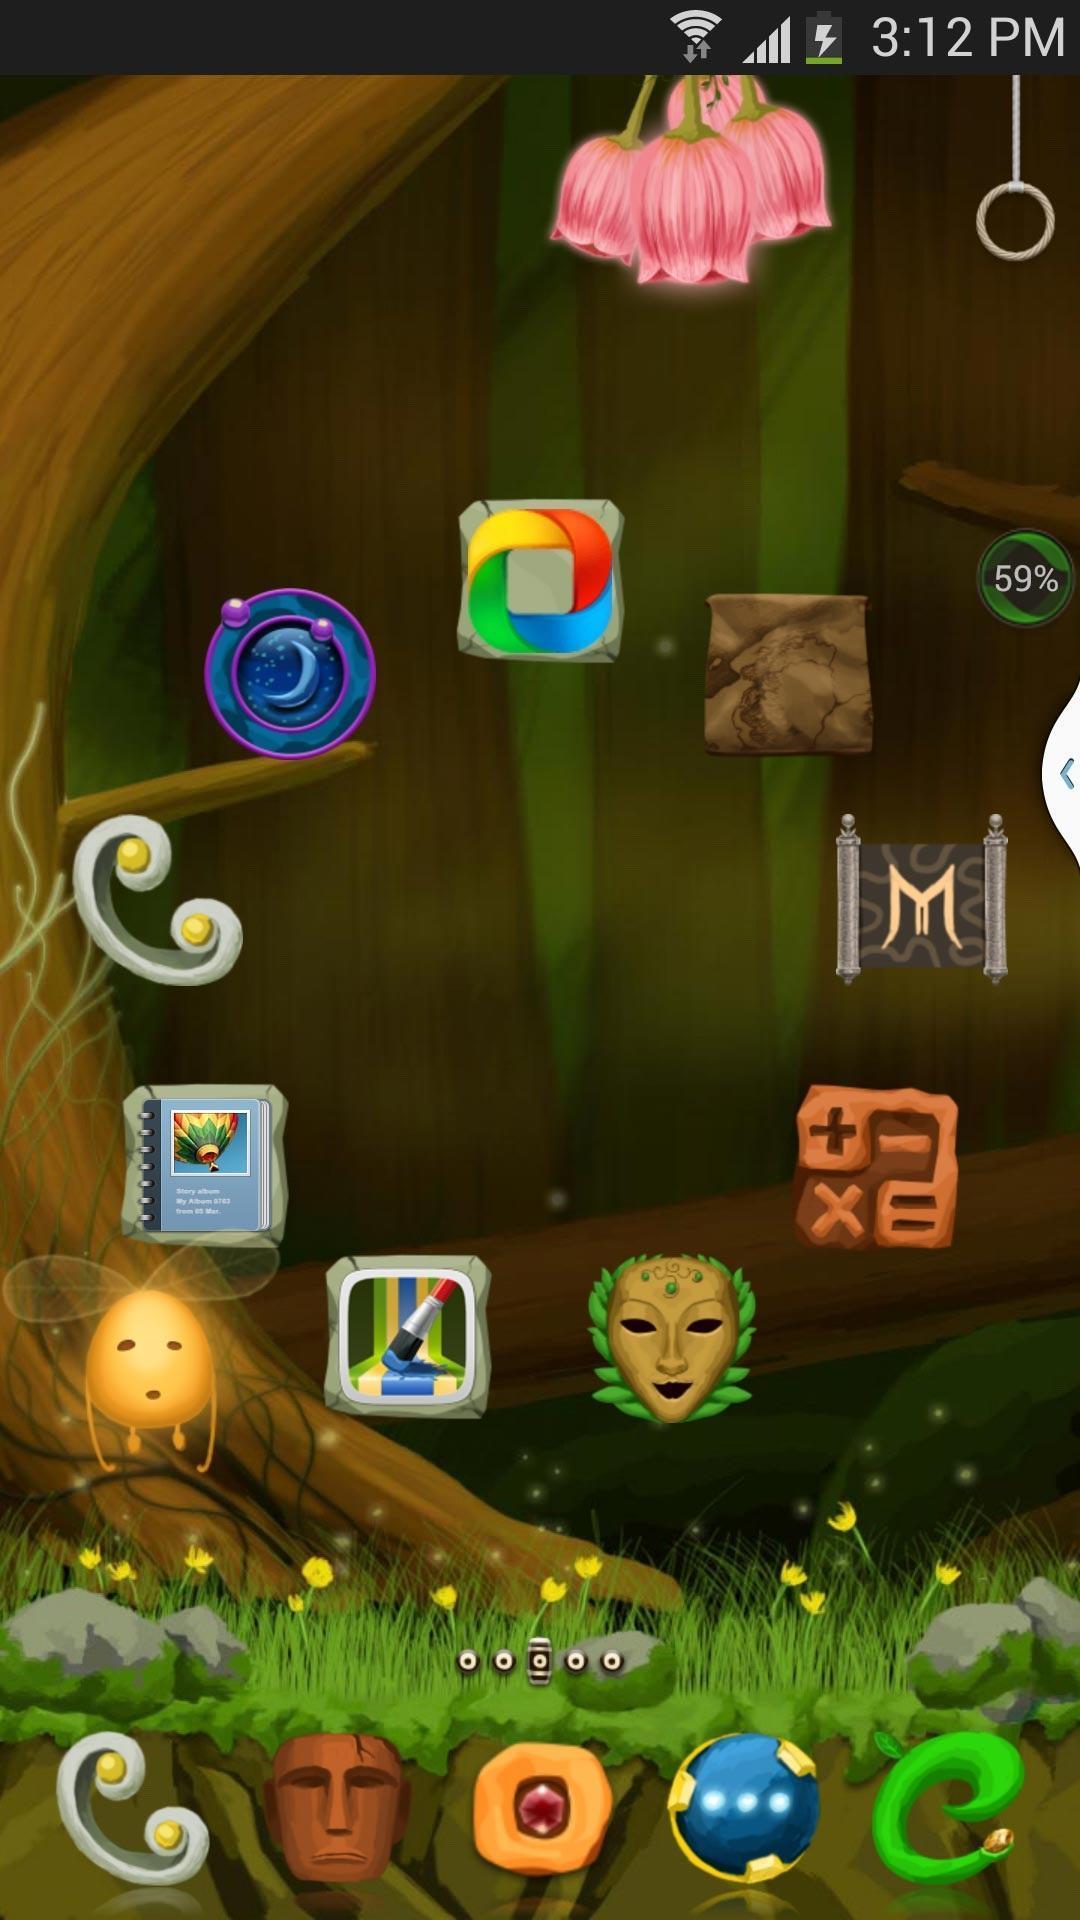 360桌面动态主题-森林精灵